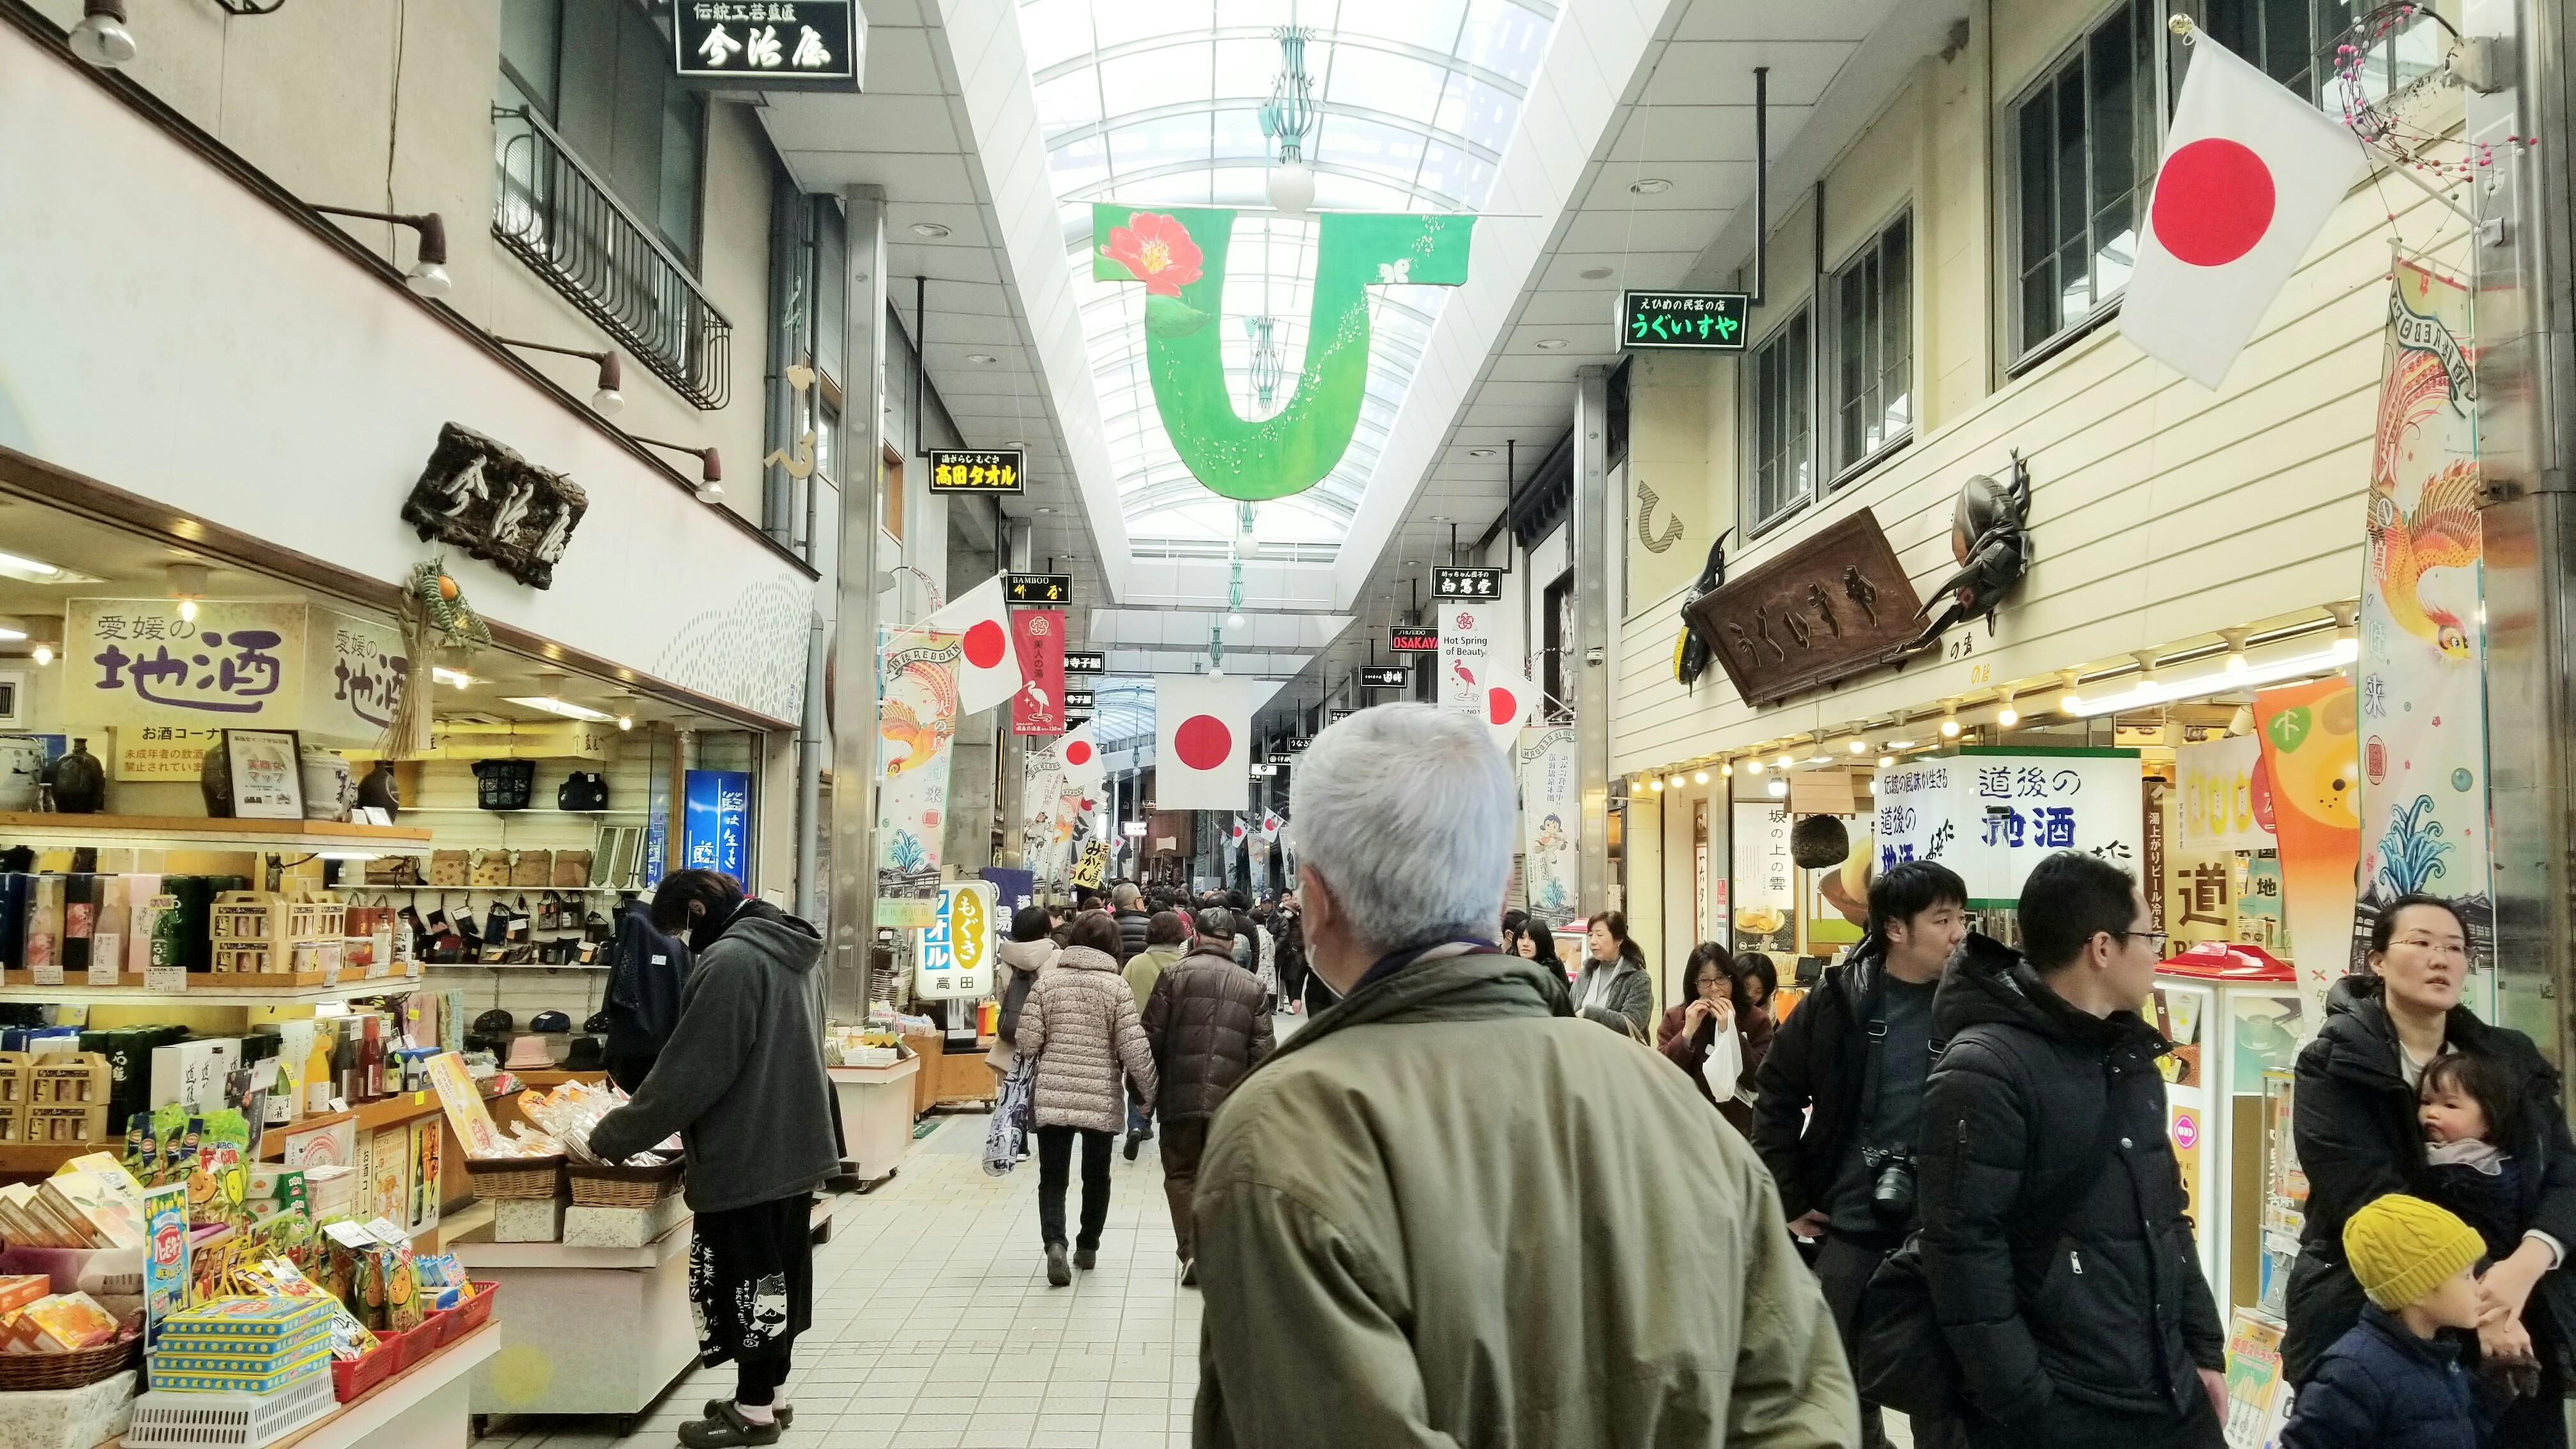 2020年初詣人混み愛媛県お正月道後温泉商店街大晦日人気スポット